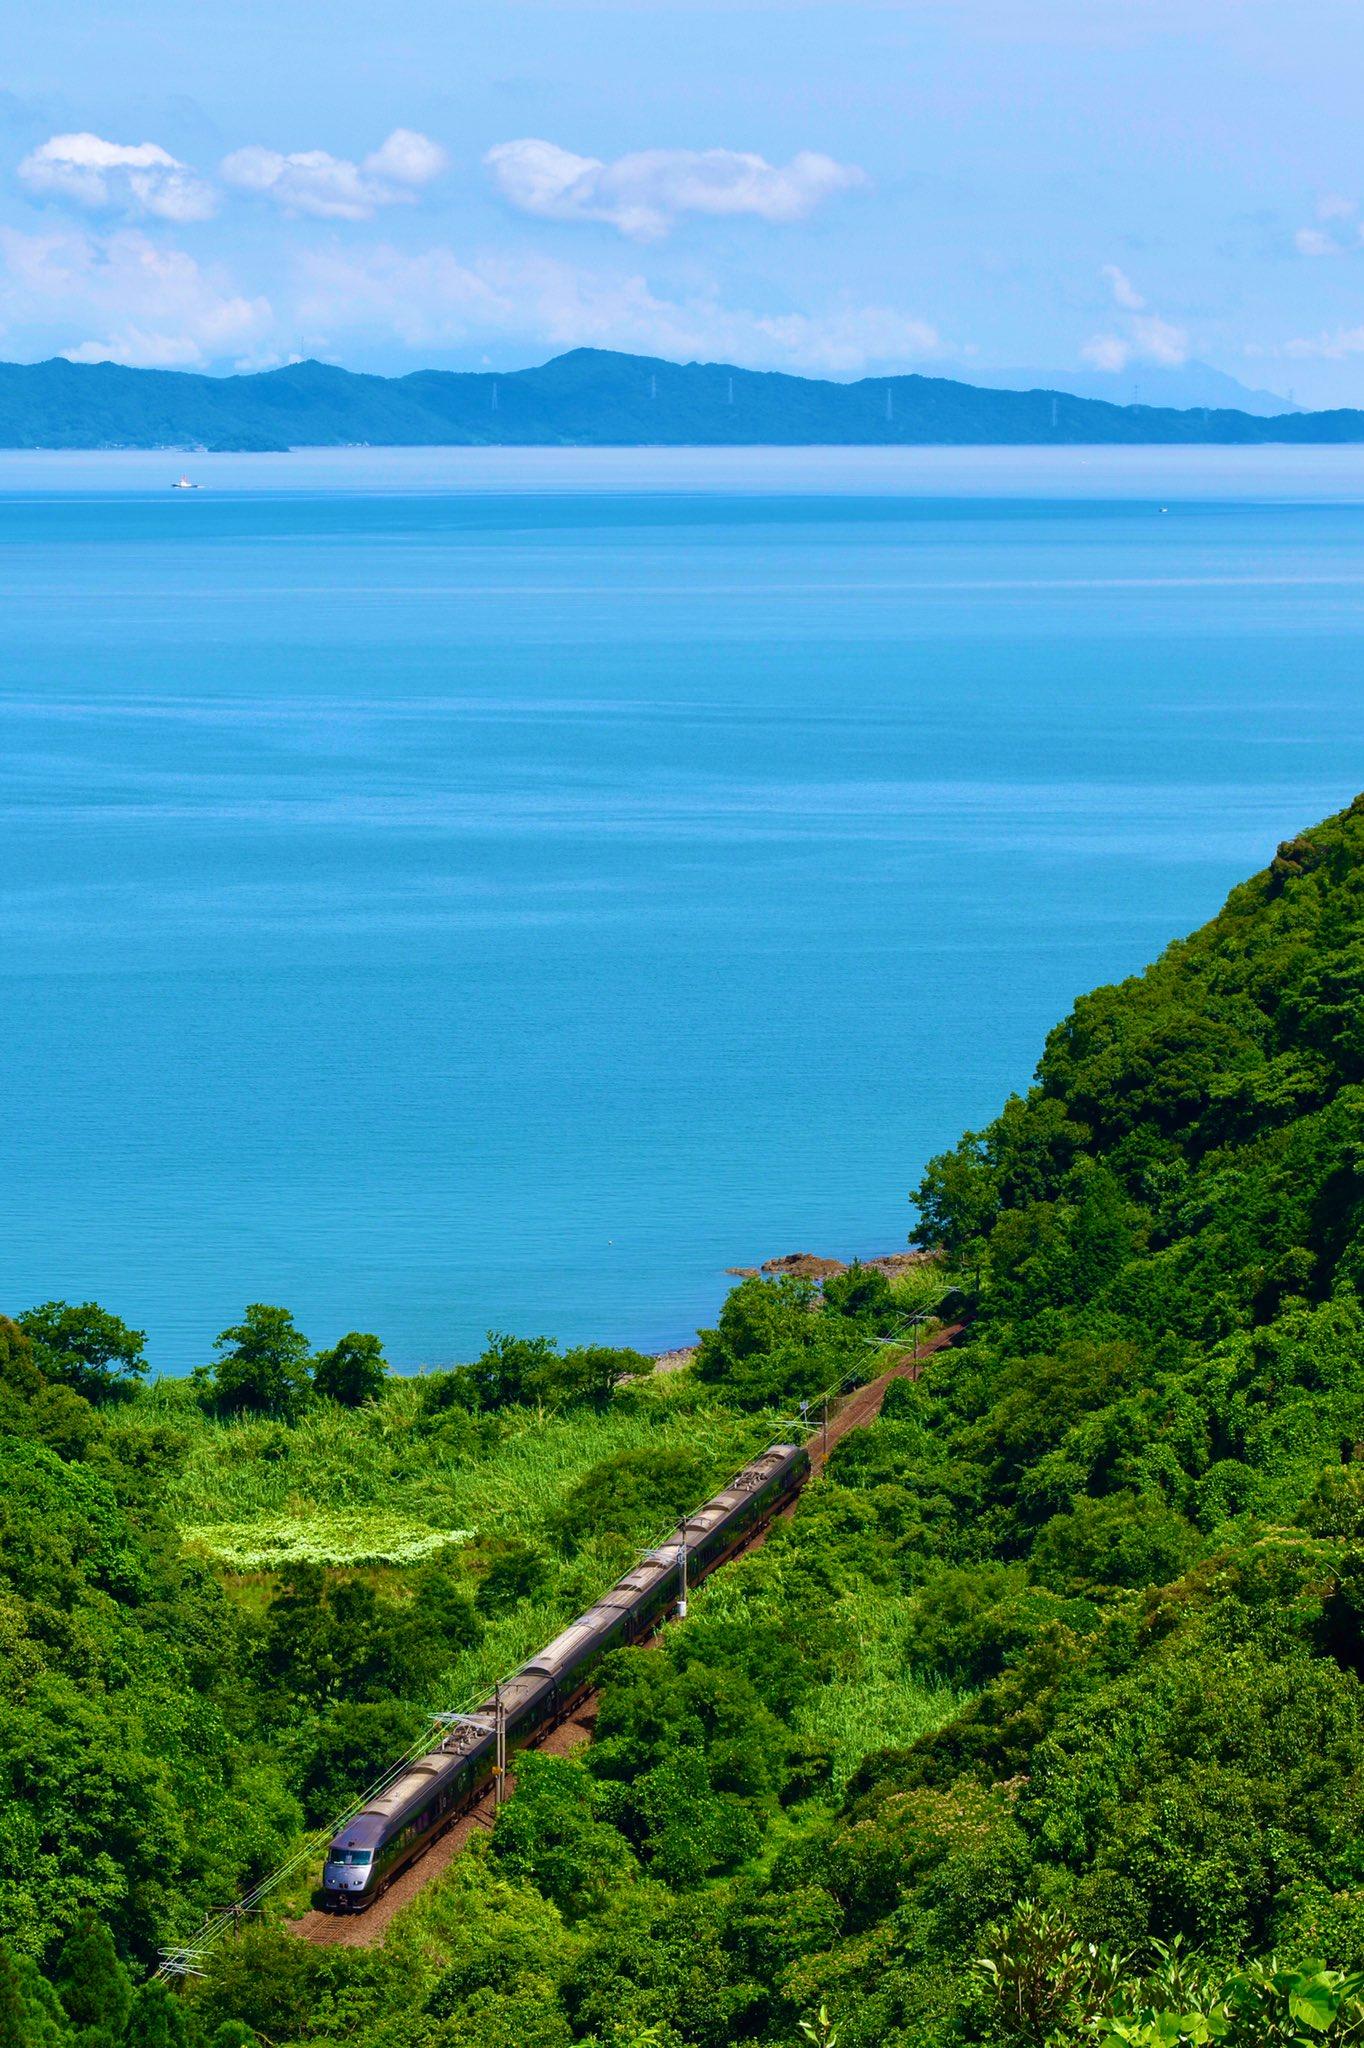 【肥薩おれんじ鉄道】JR九州の787系「つばめ」が九州新幹線開業以来16年ぶりの乗り入れ 「36ぷらす3」の試運転か